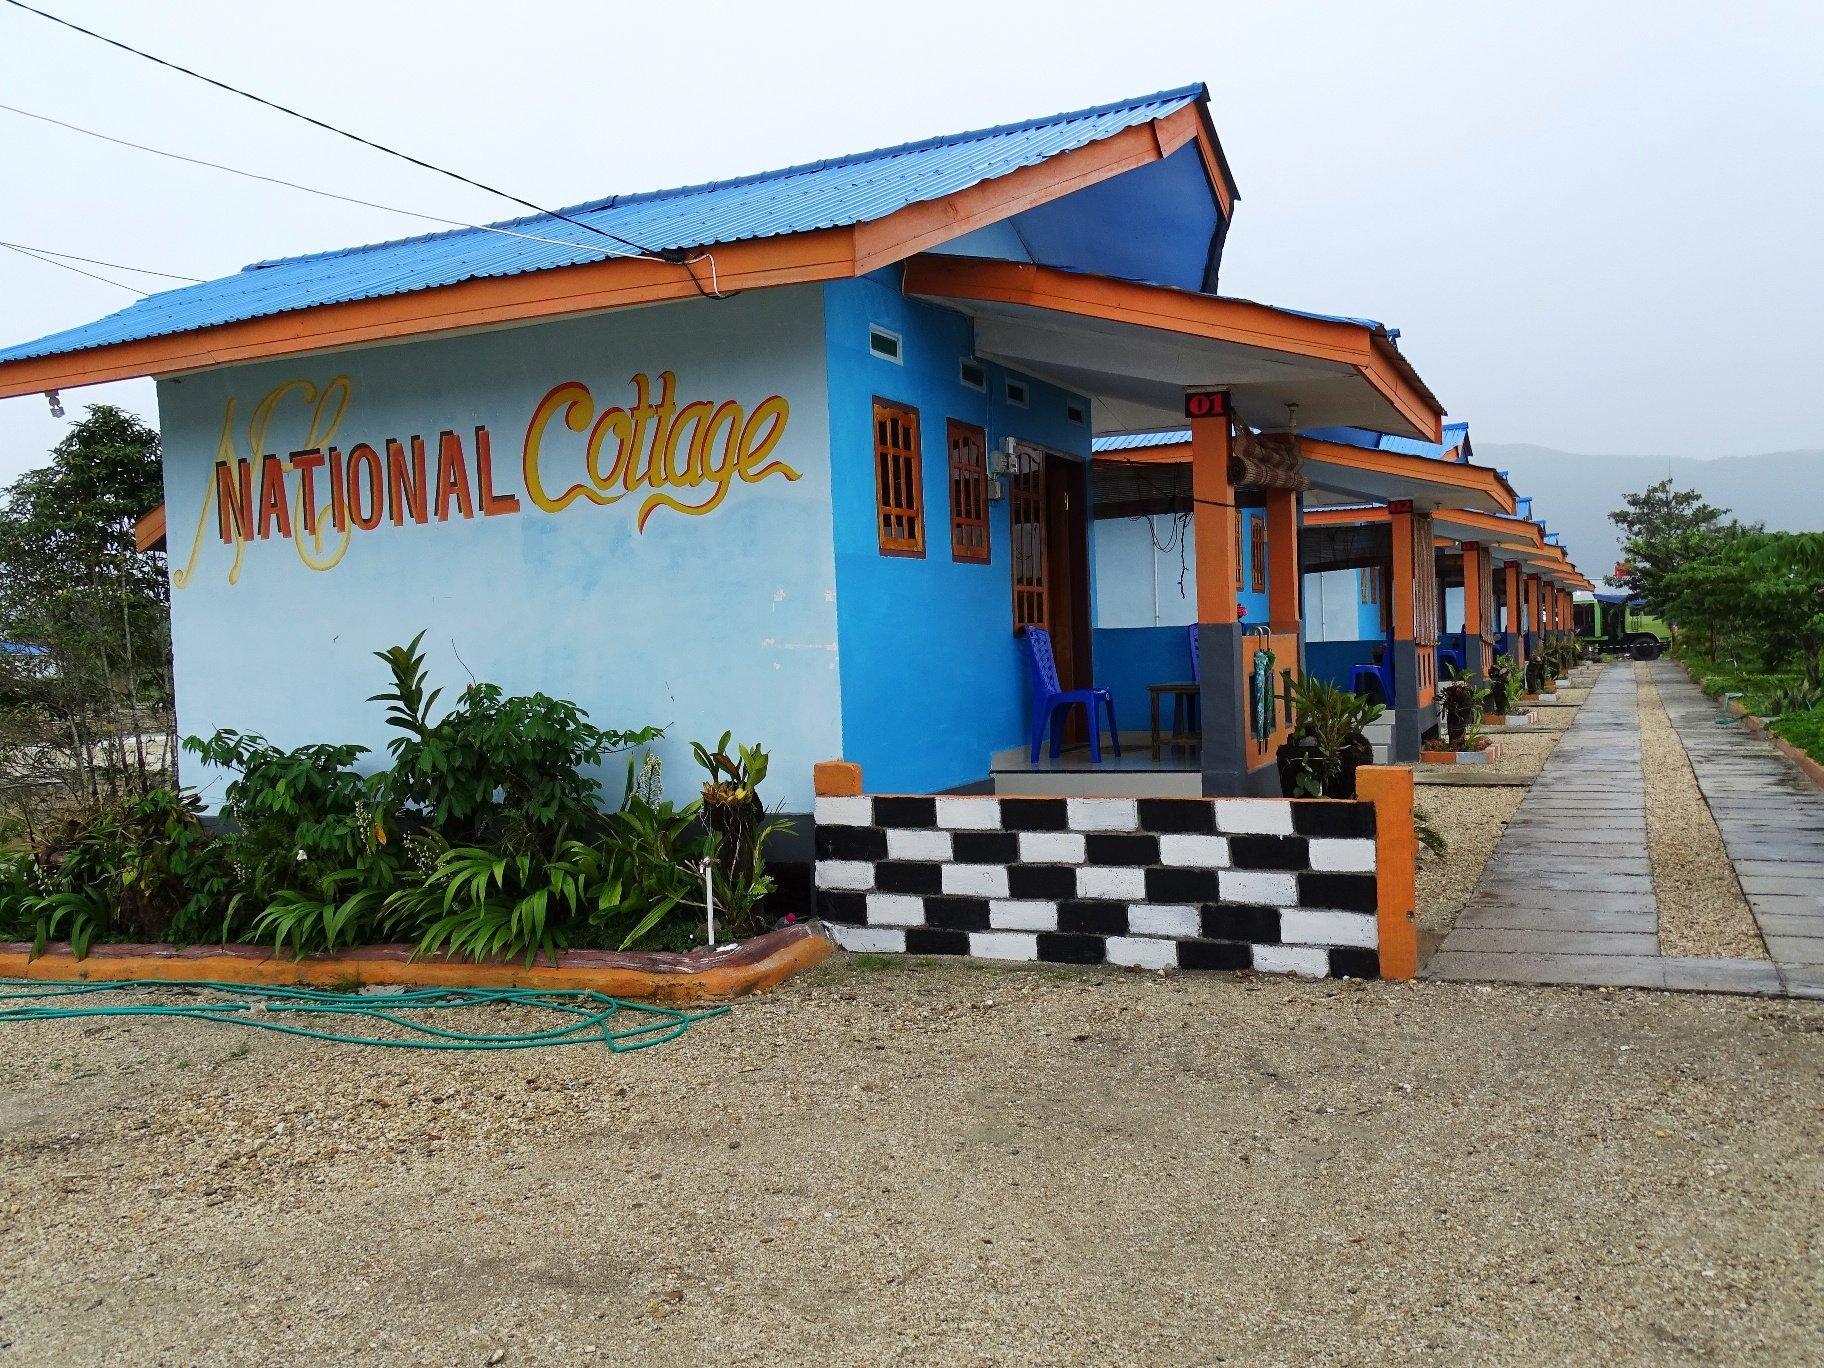 National cottages